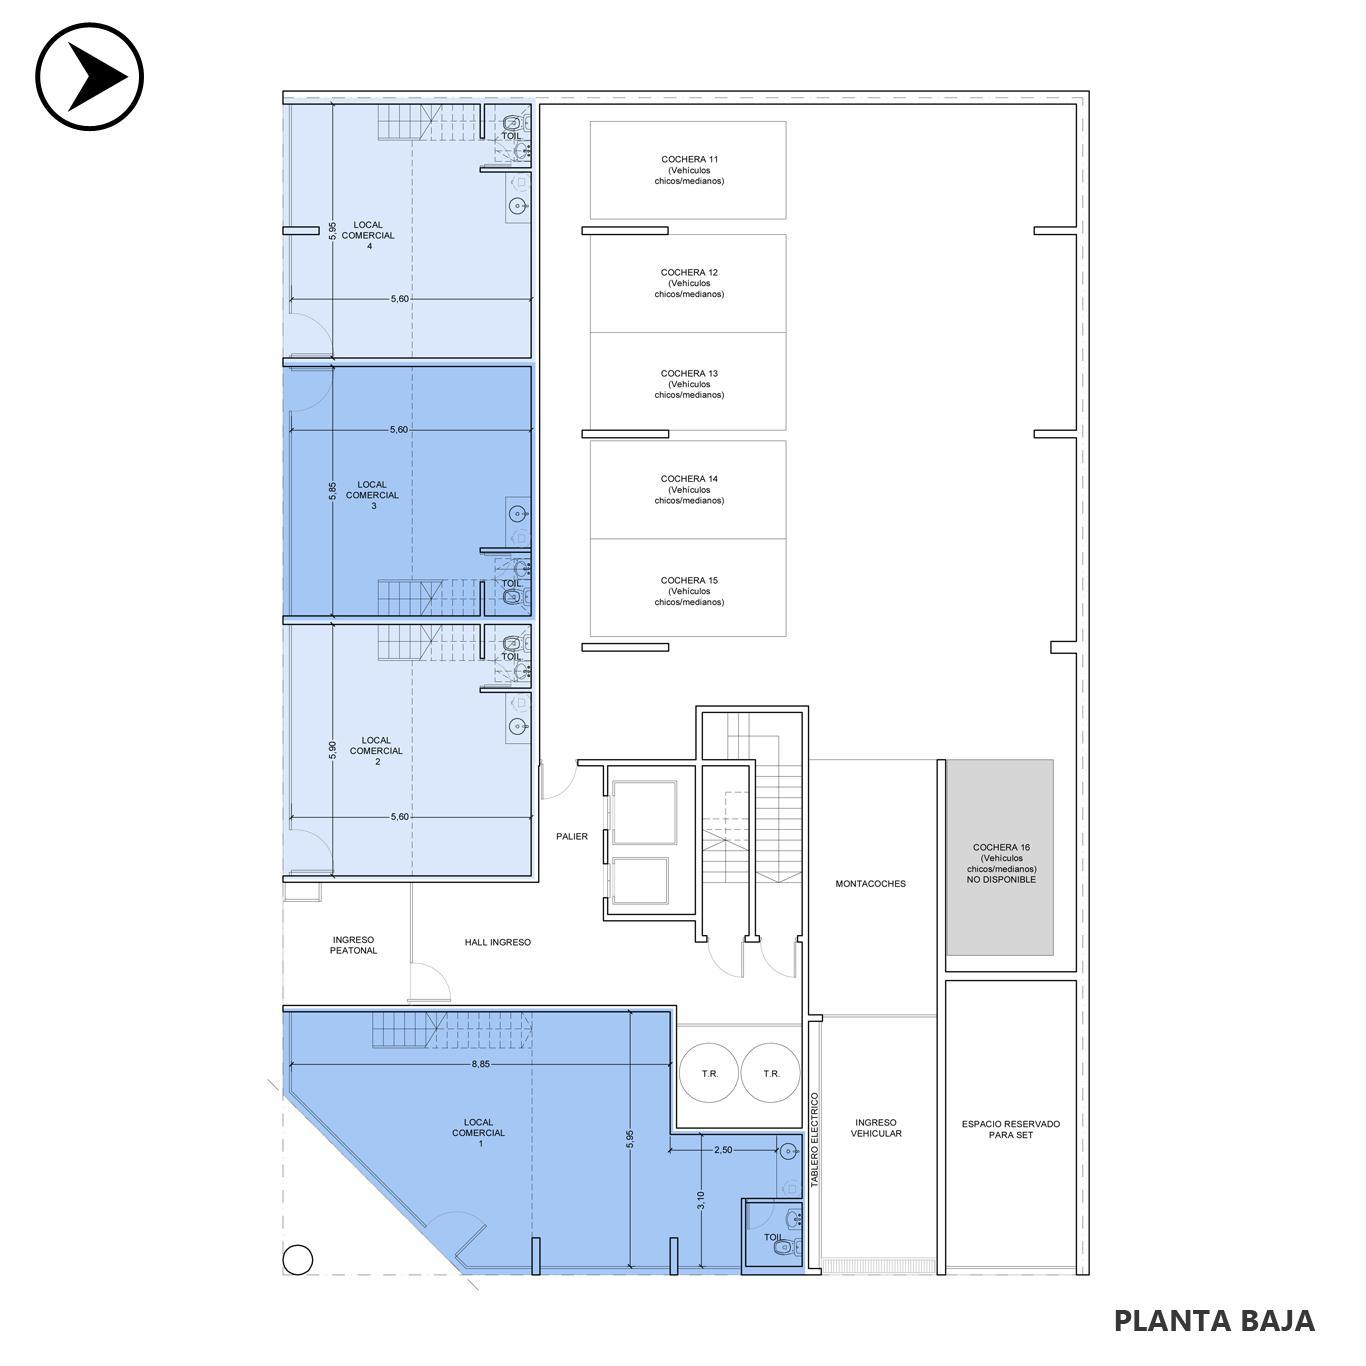 Venta departamento 2 dormitorios Rosario, República De La Sexta. Cod CBU24602 AP2291014. Crestale Propiedades